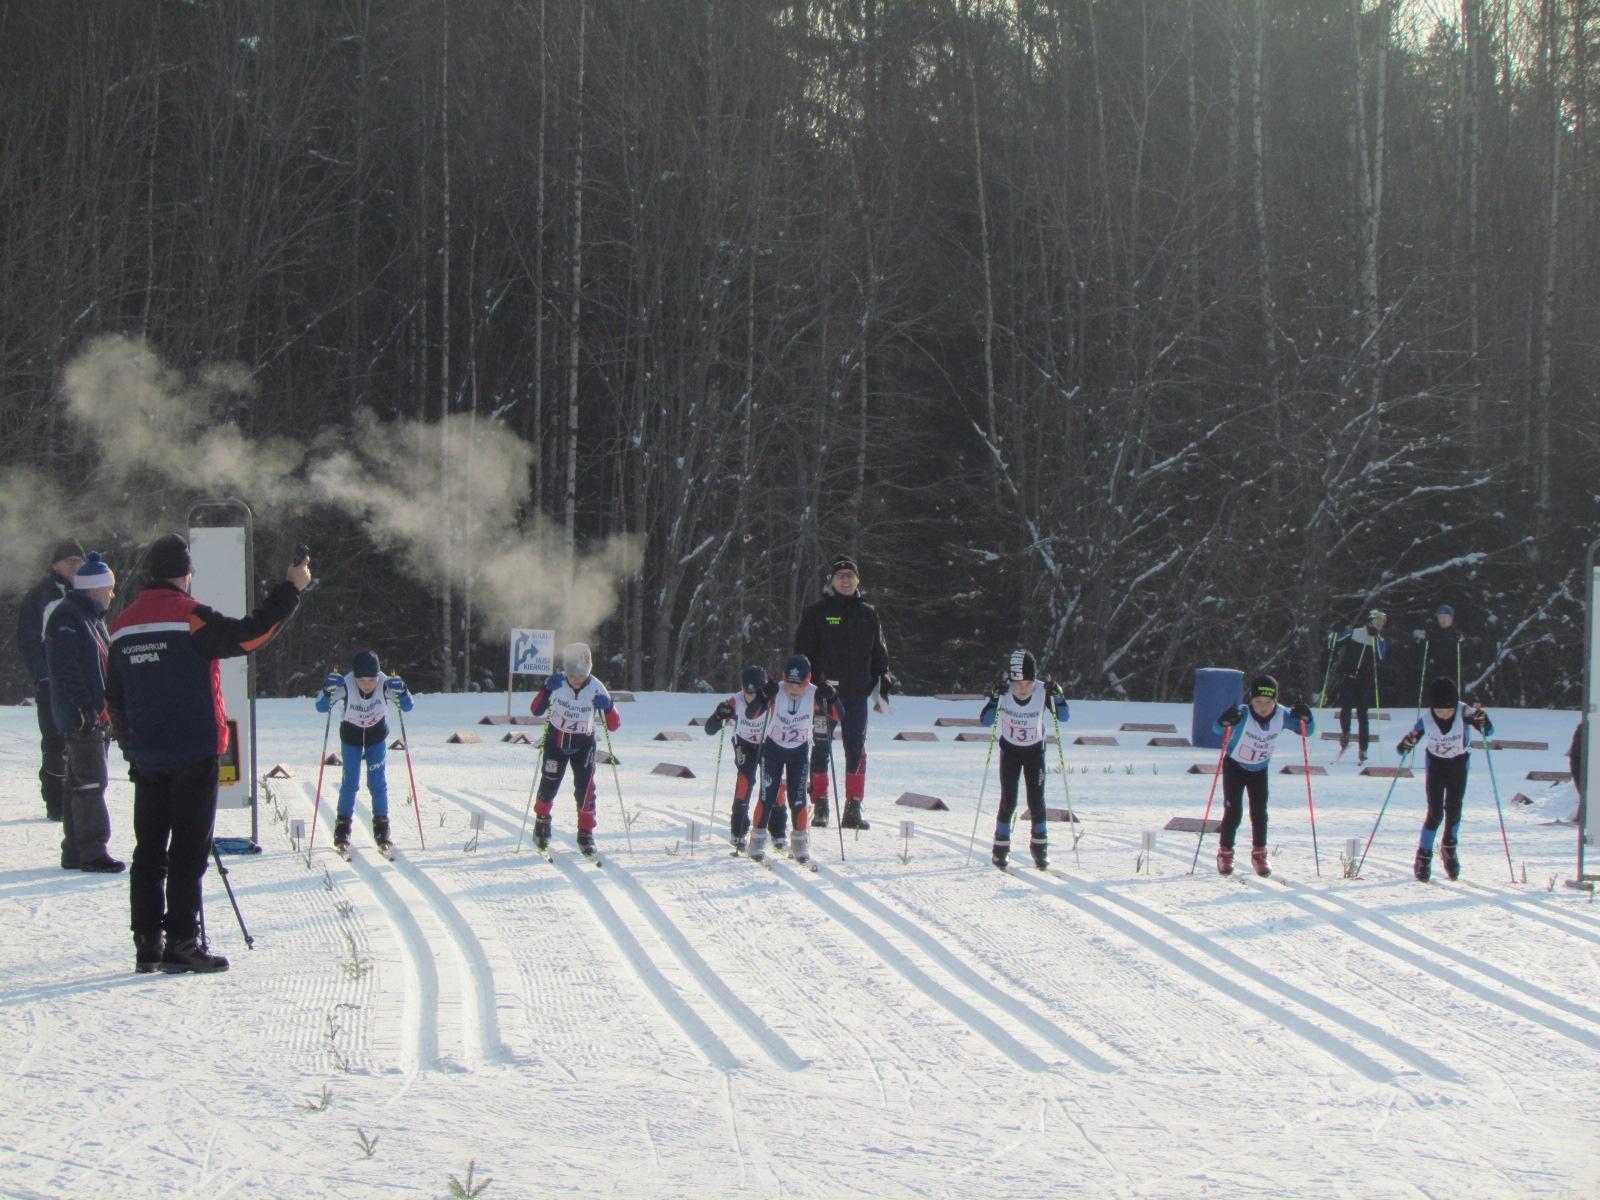 Hiihtokoulun talvikausi käynnistyy vuoden alussa